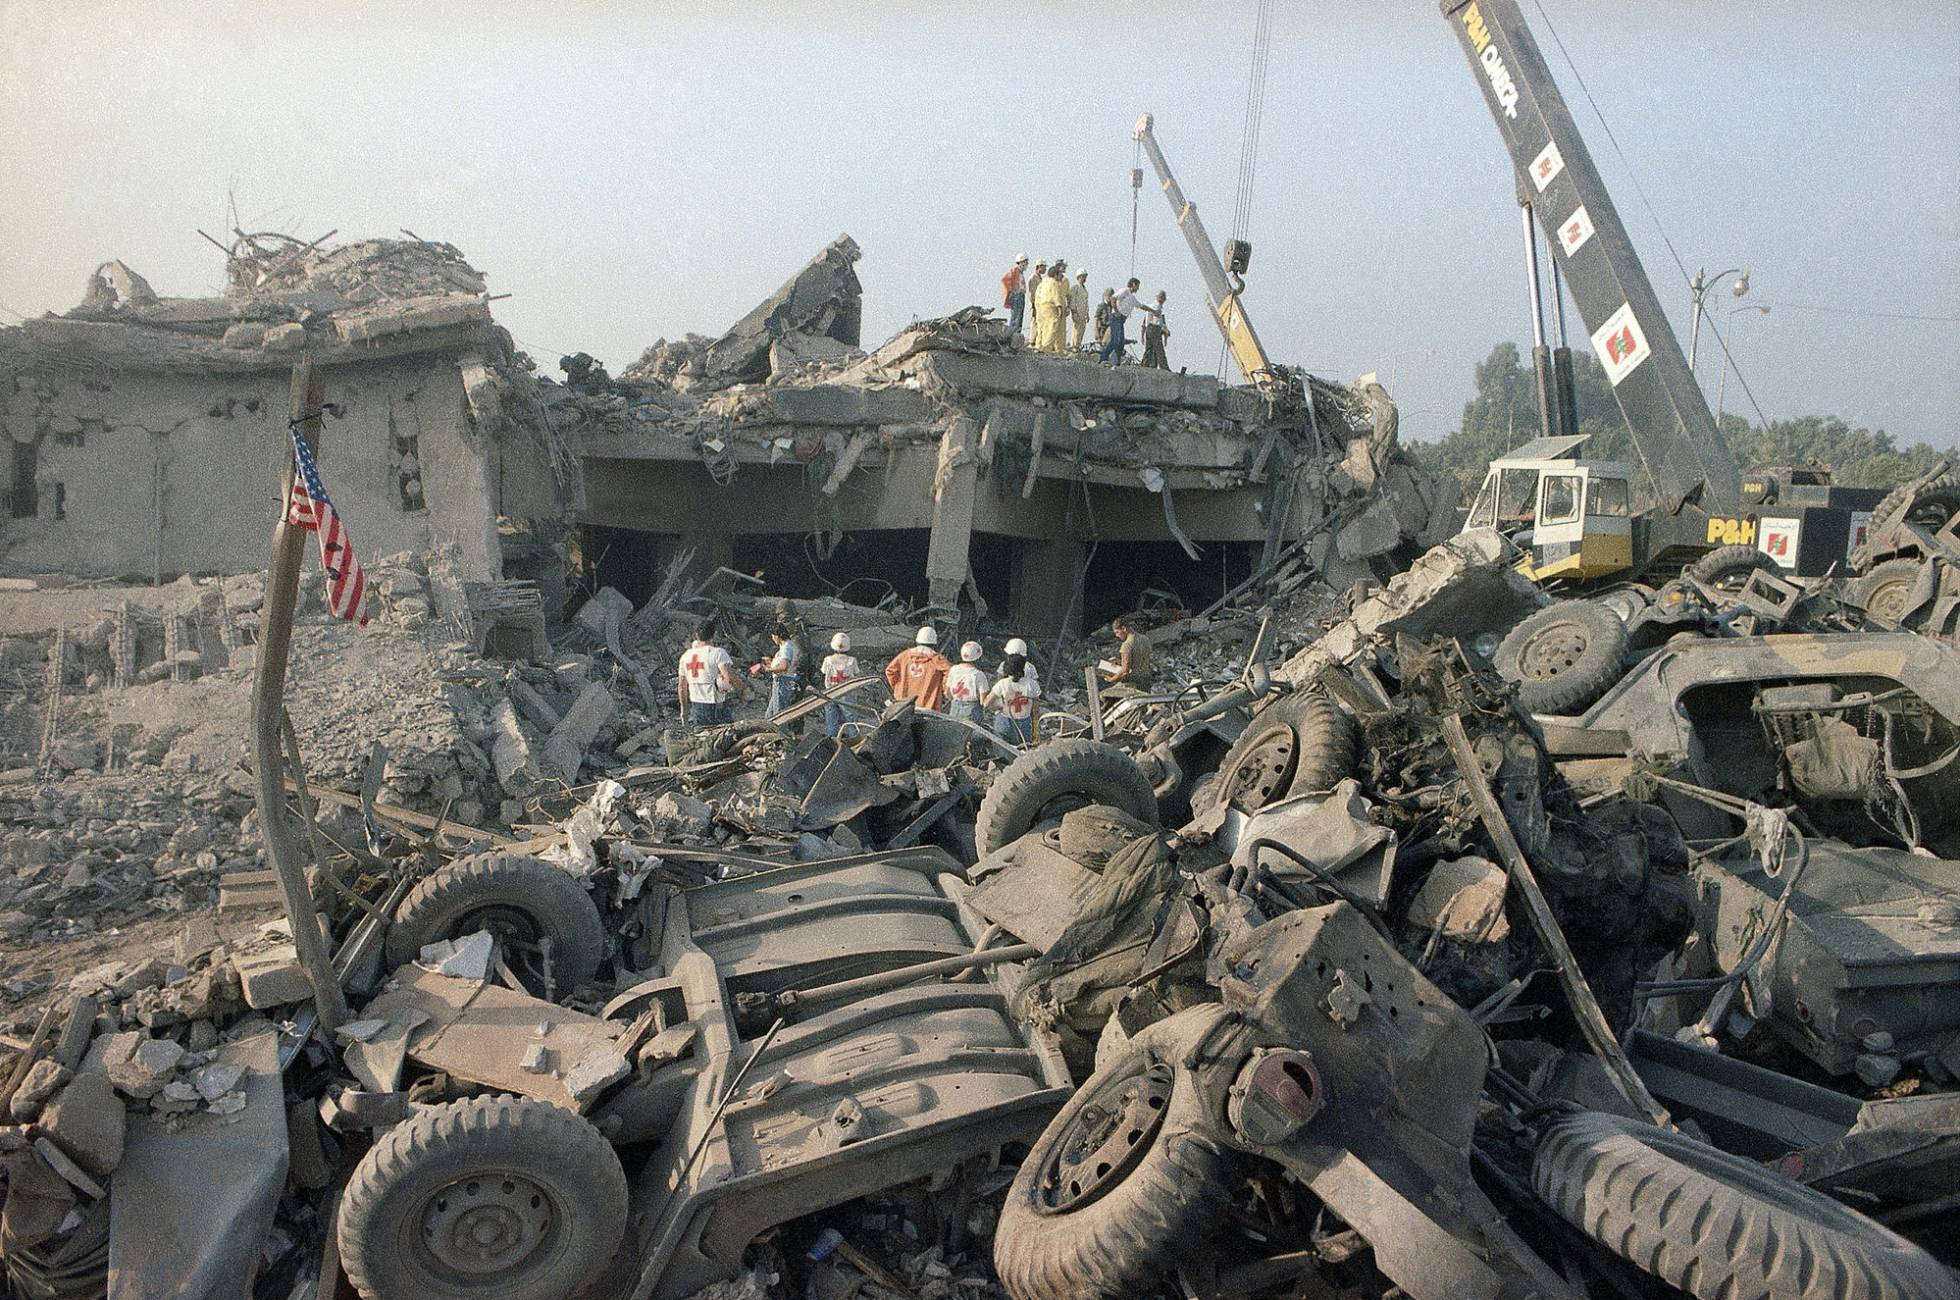 irán - Guerra  y  presiones  contra Irán. Drones, EEUU, Israel...  - Página 3 1461165396_978375_1461166281_noticia_normal_recorte1